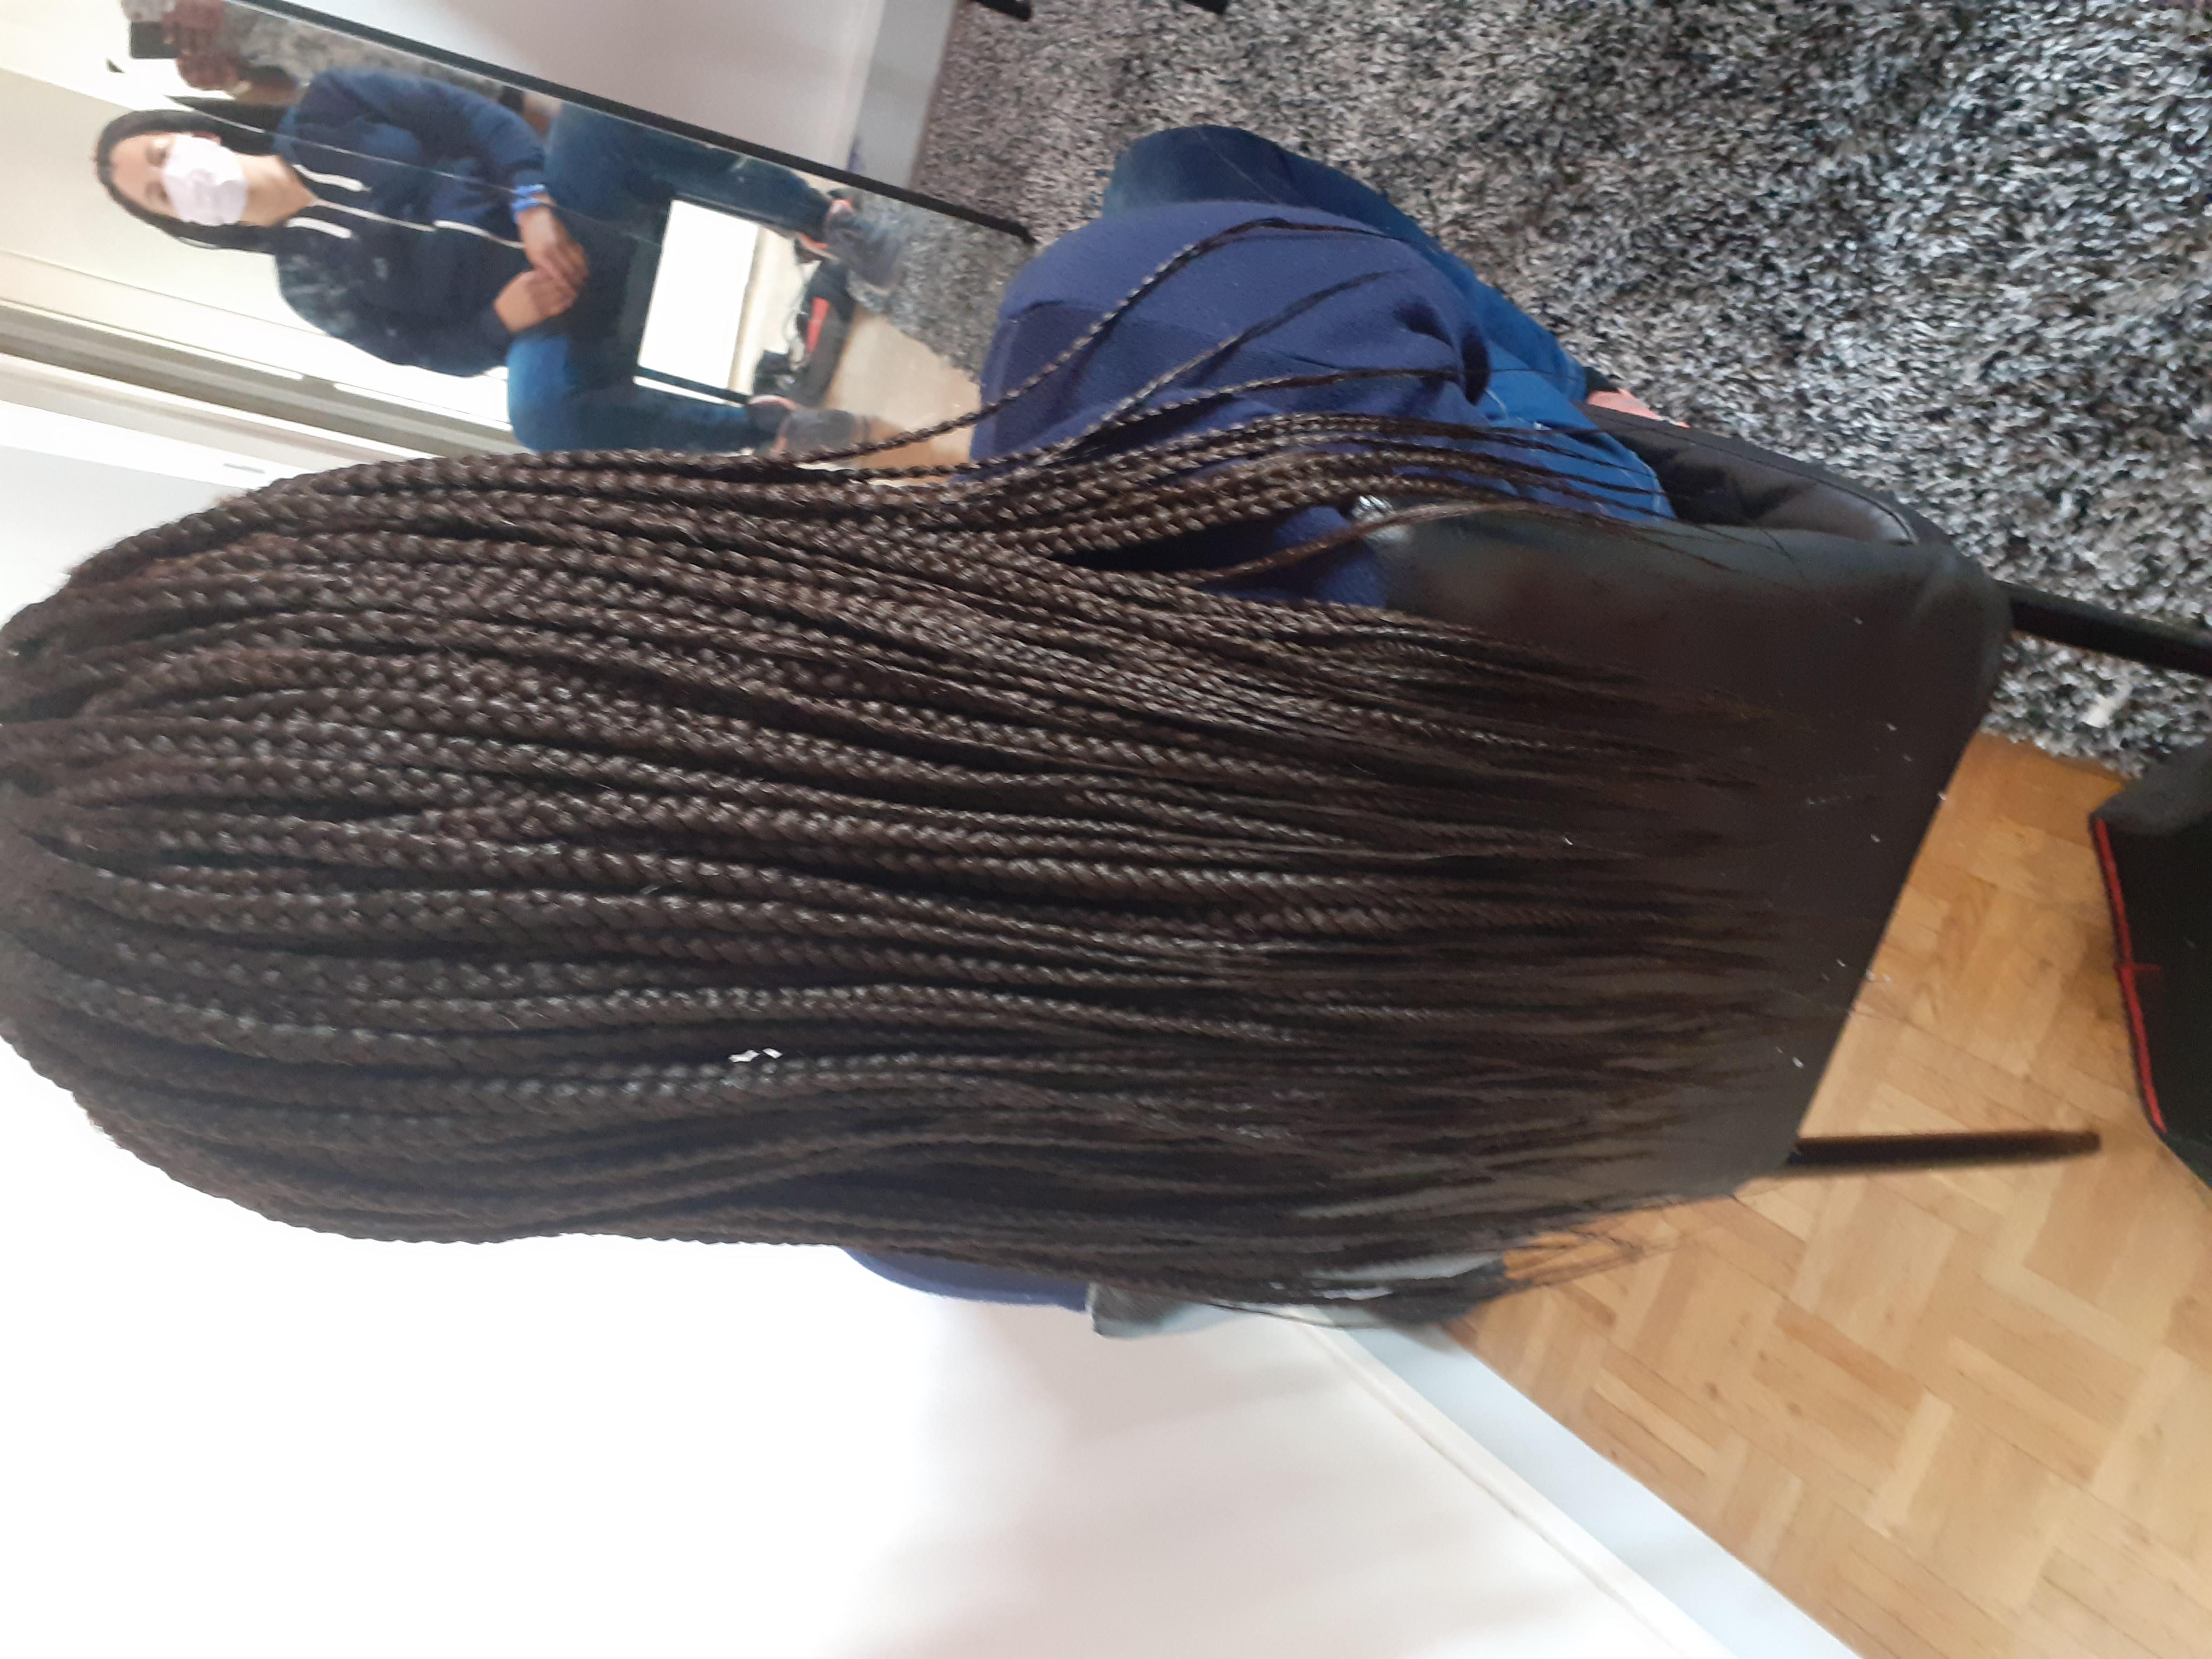 salon de coiffure afro tresse tresses box braids crochet braids vanilles tissages paris 75 77 78 91 92 93 94 95 COIHZCYH